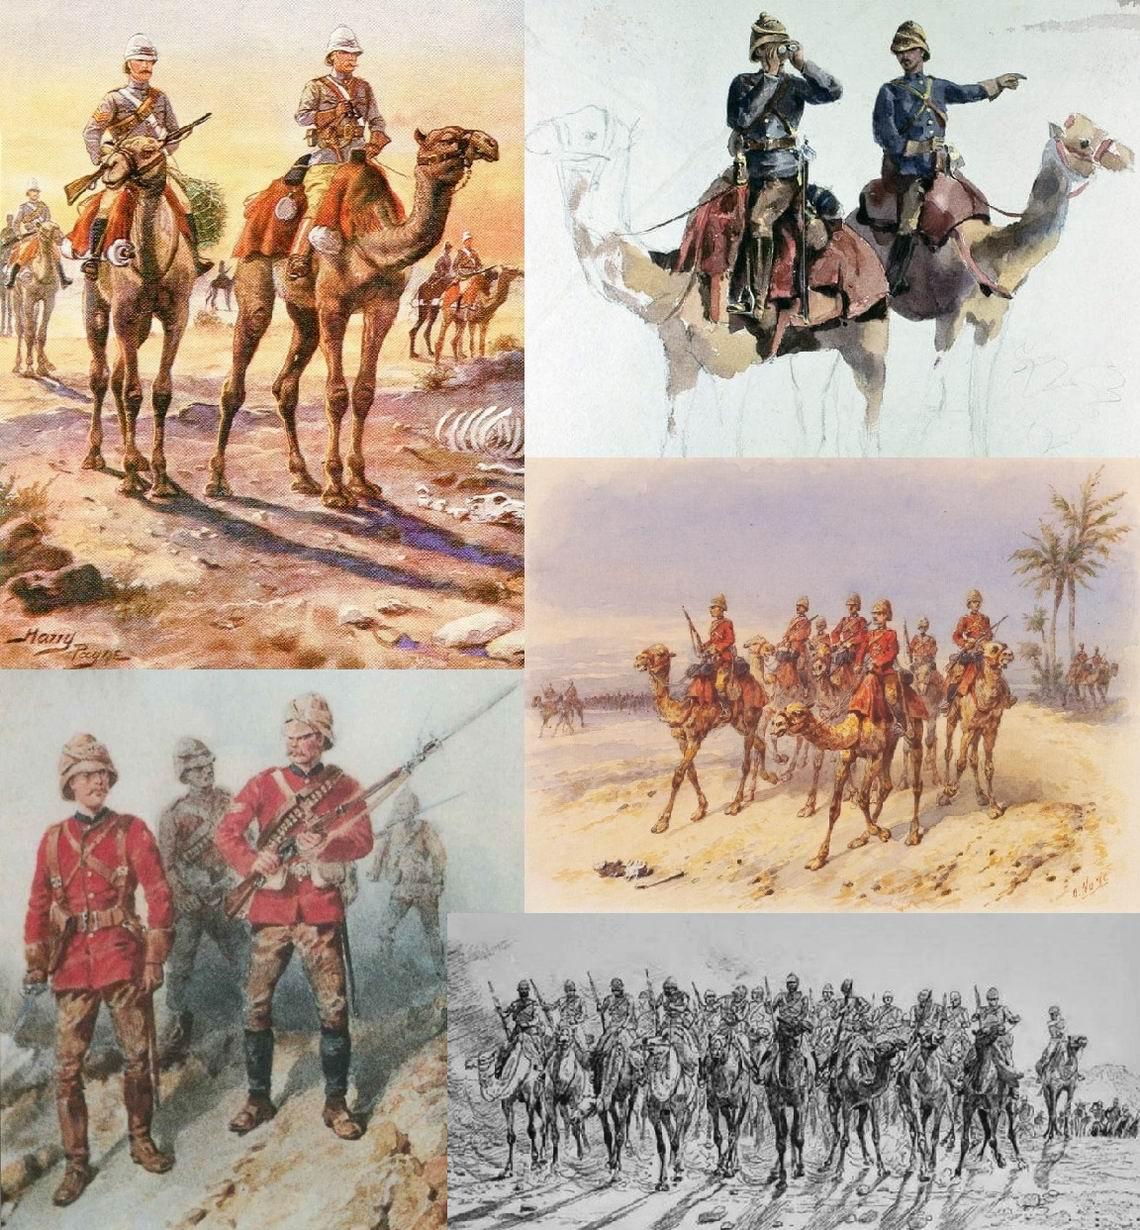 Слева вверху - Легкий Верблюжий полк, худ. Г. Пэйн, справа вверху и в центре - Верблюжий корпус, худ. О.Нори, слева внизу - Гвардейские гренадеры в Судане, худ. О.Нори, внизу справа - Пустынная колонна, худ. леди Батлер.